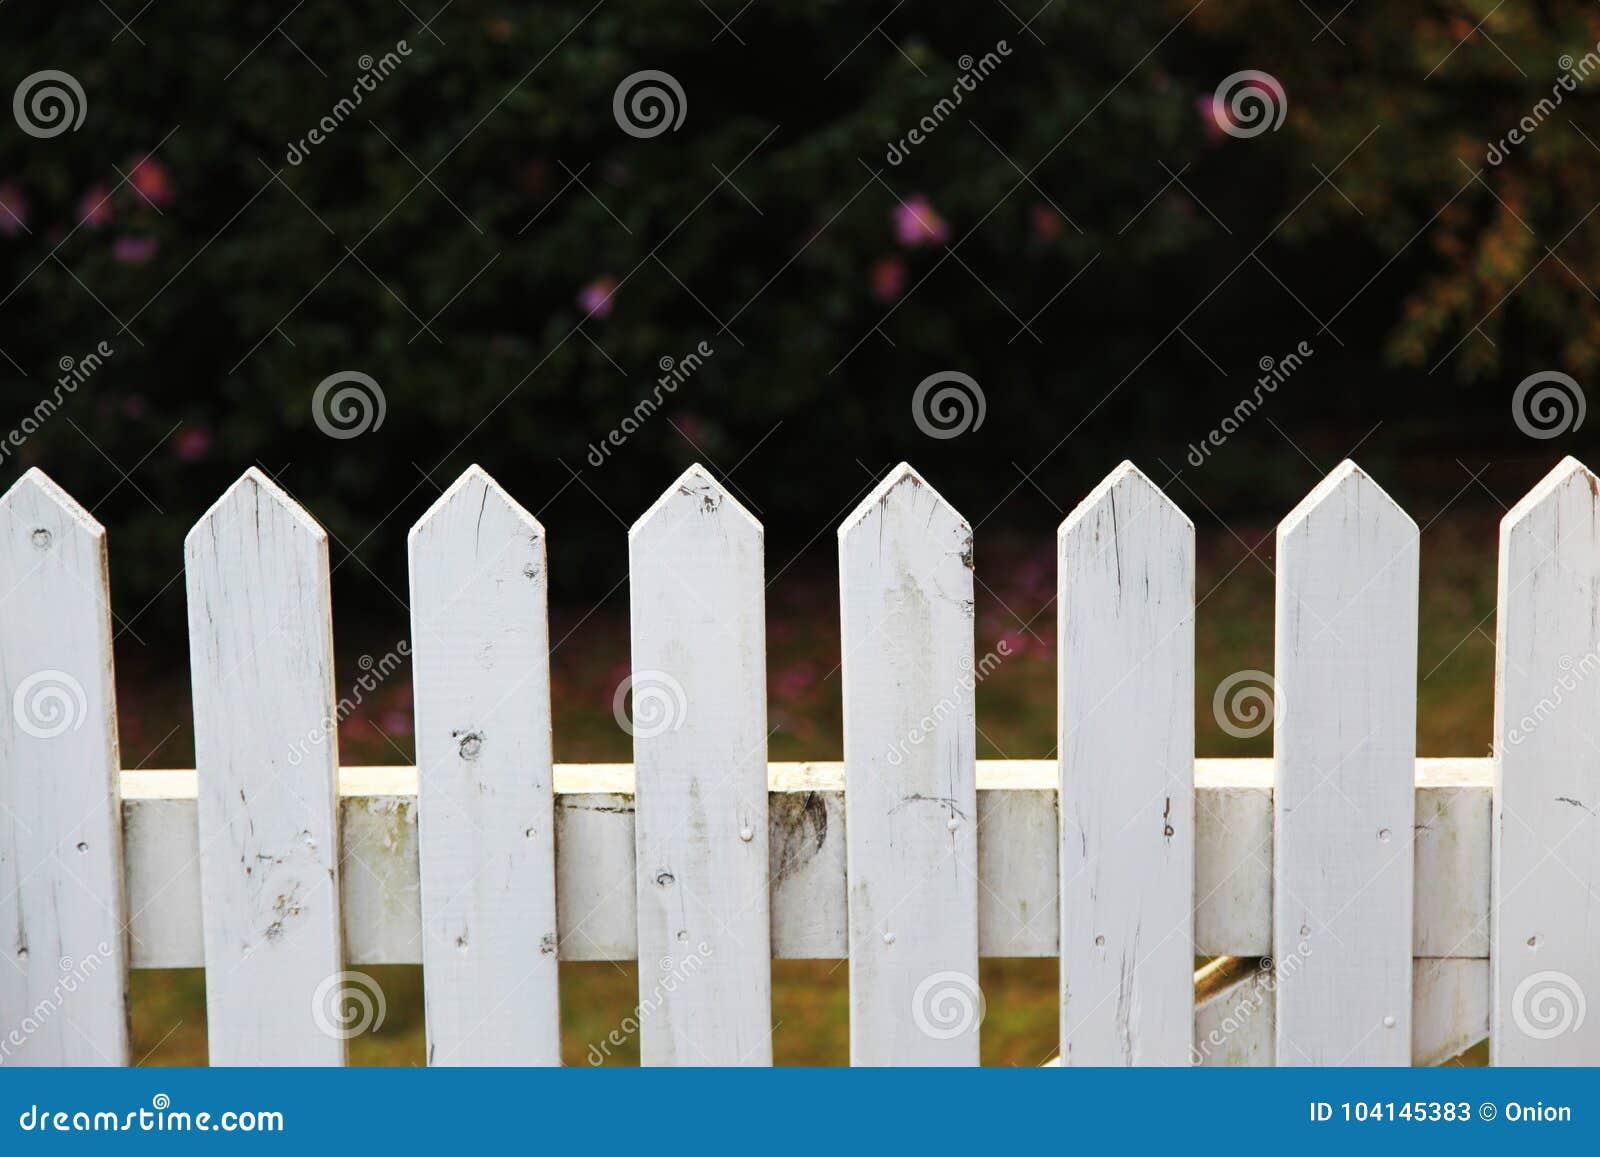 Petite Cloture De Jardin Blanche clôture en bois dans le blanc image stock - image du jardin